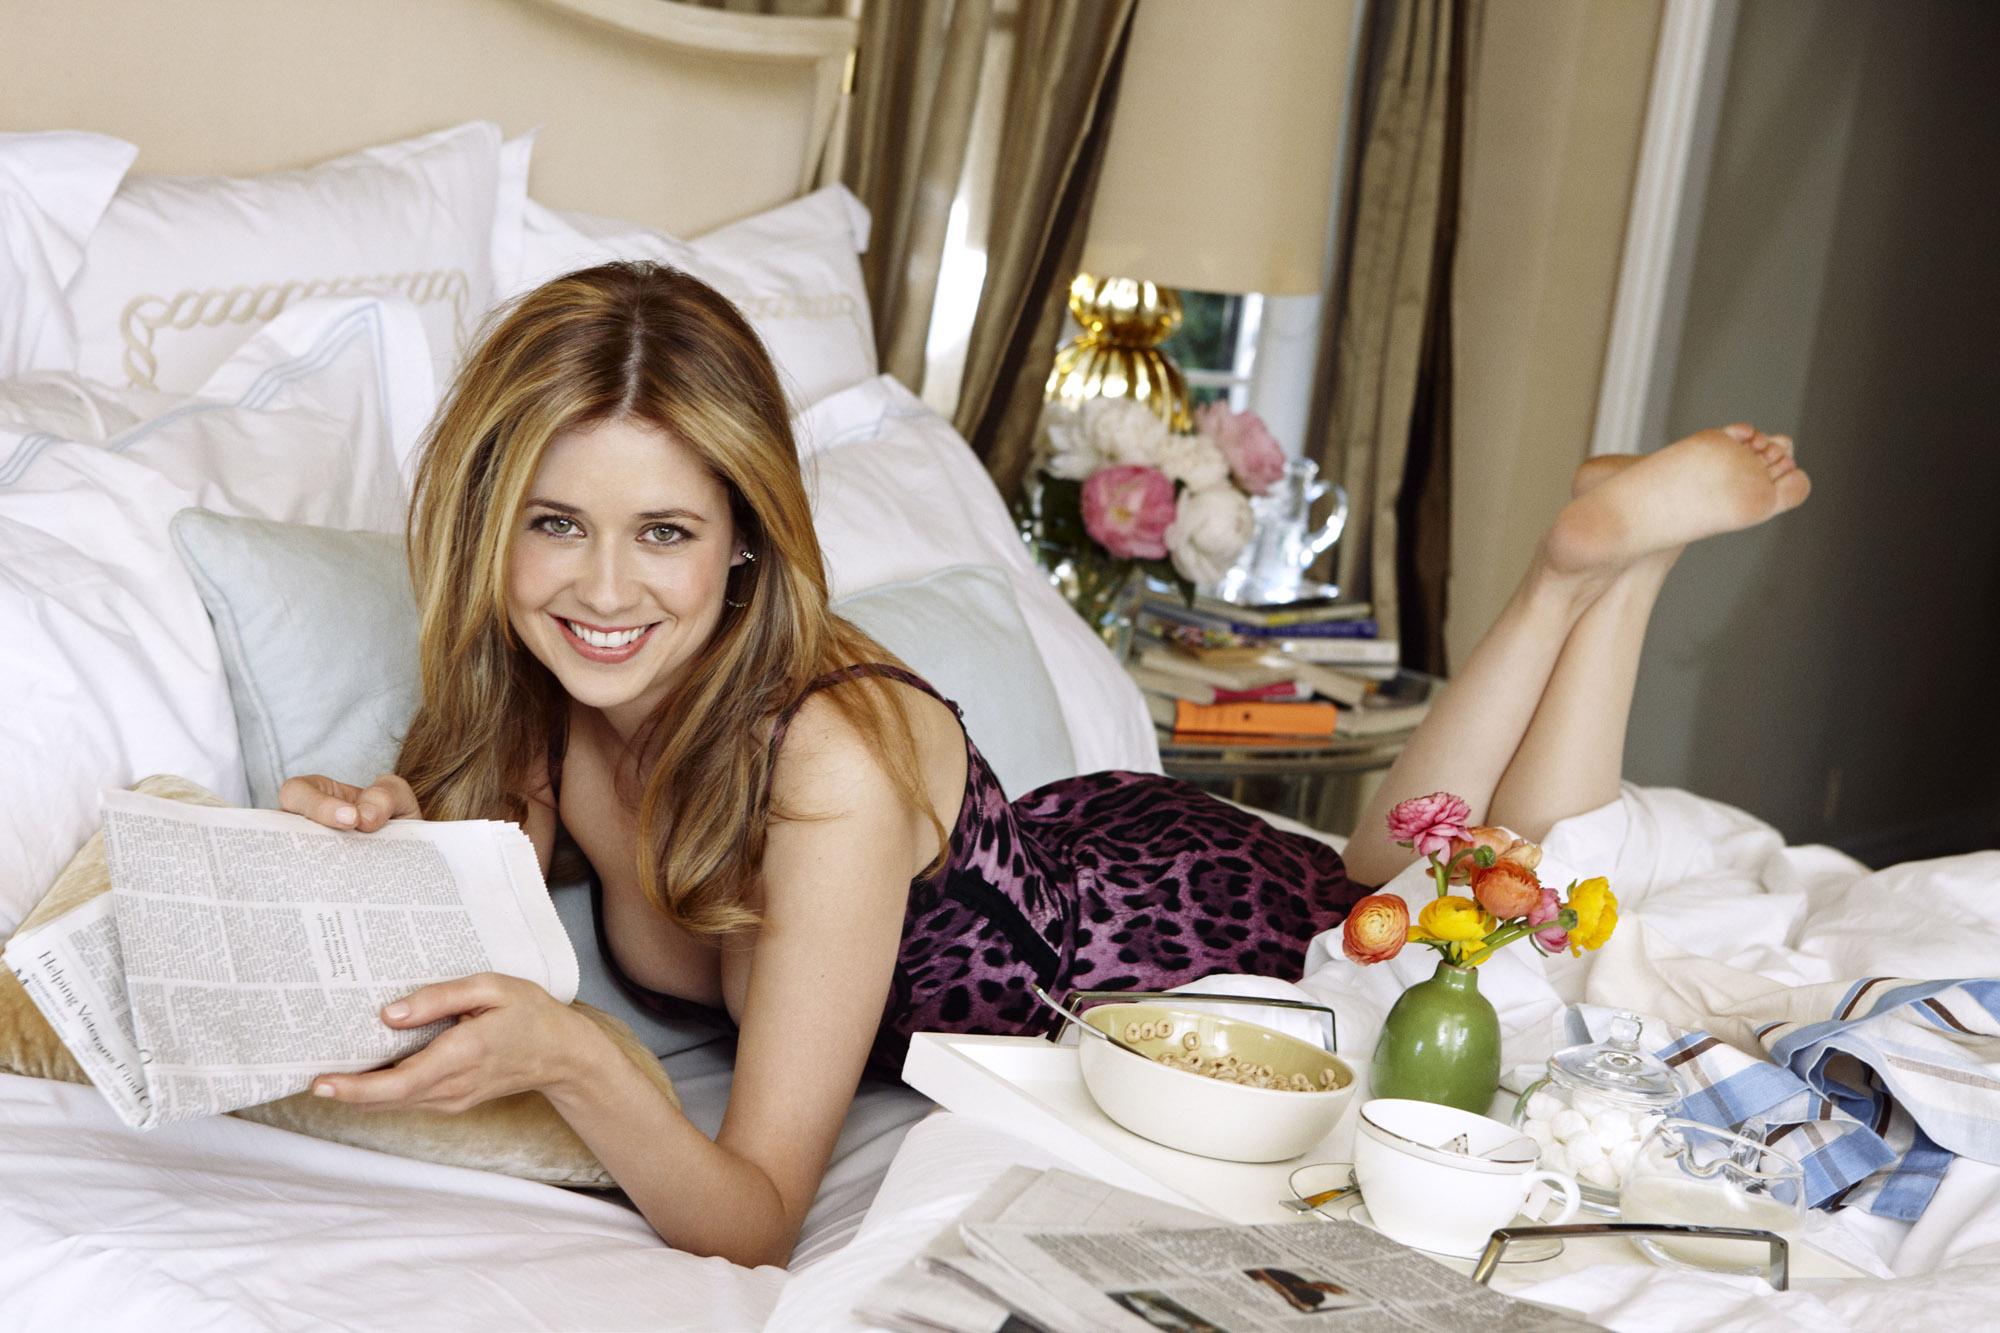 http://pics.wikifeet.com/Jenna-Fischer-Feet-350091.jpg